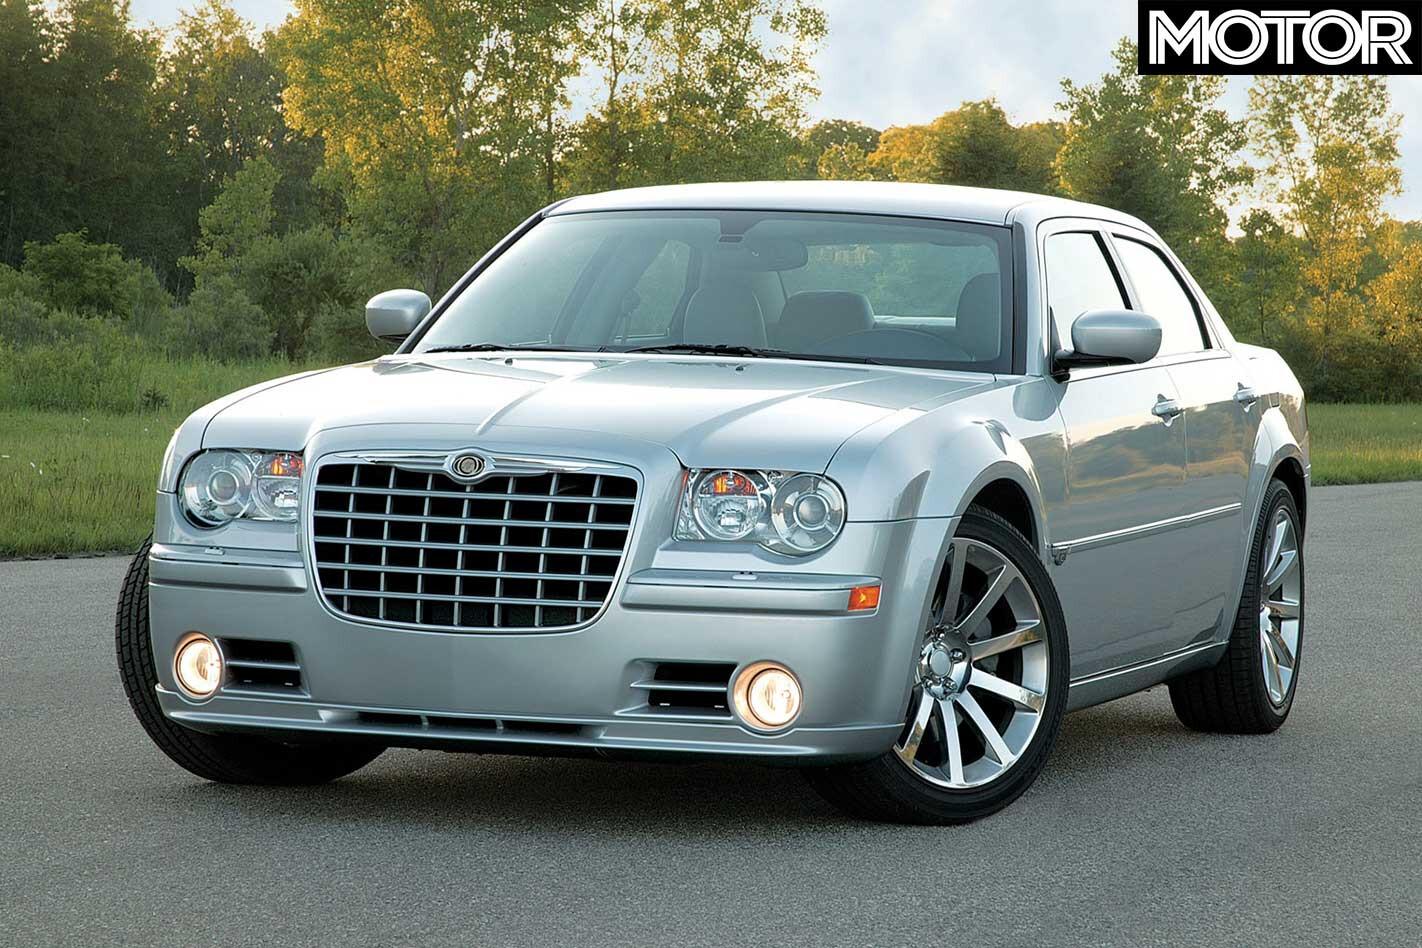 2005 Chrysler 300 C SRT 8 Jpg